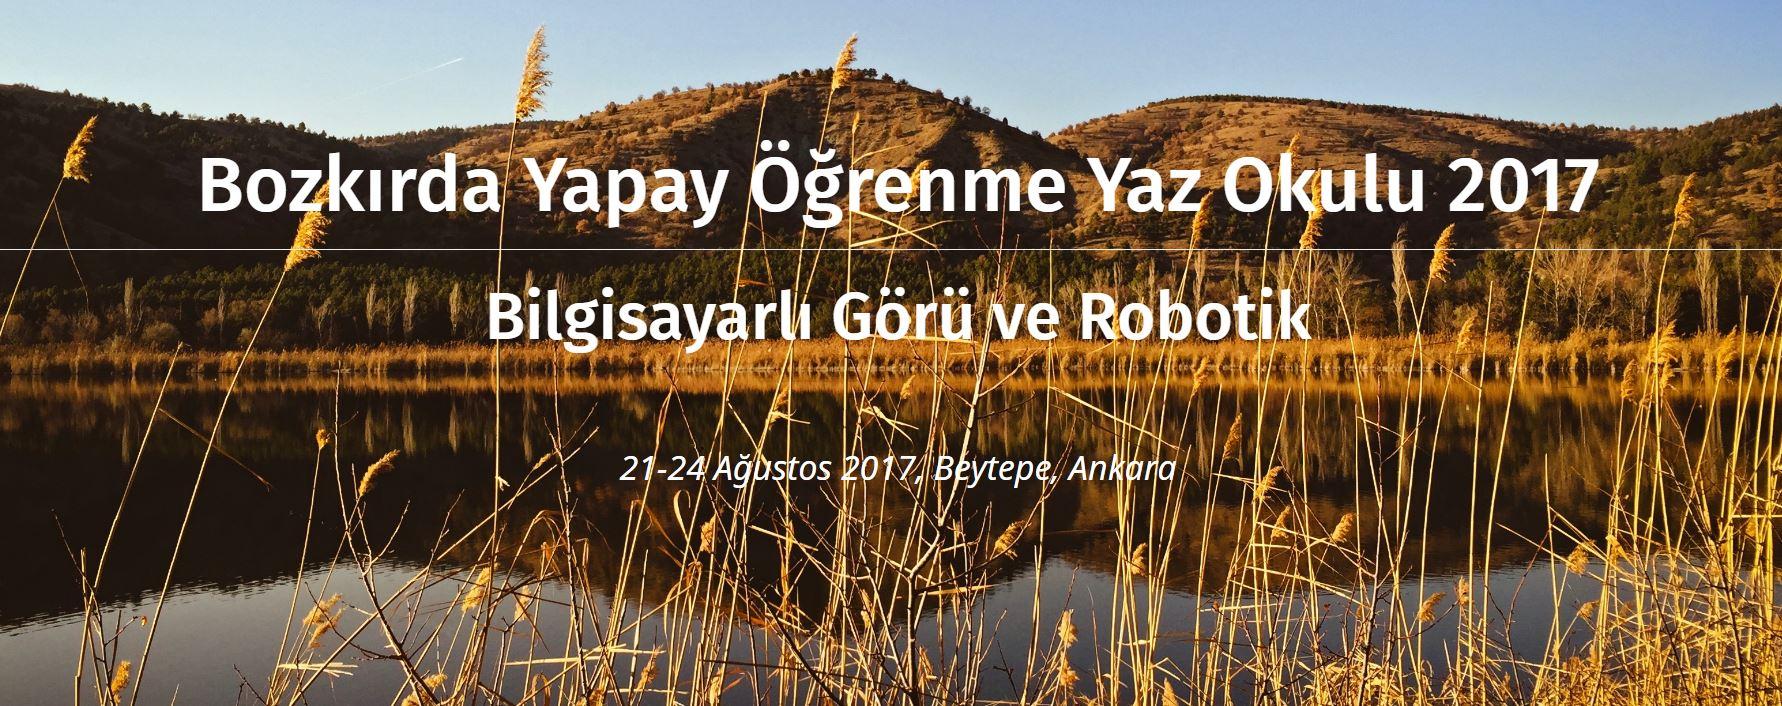 Bozkırda Yapay Öğrenme Yaz Okulu 2017 : Bilgisayarlı Görü ve Robotik